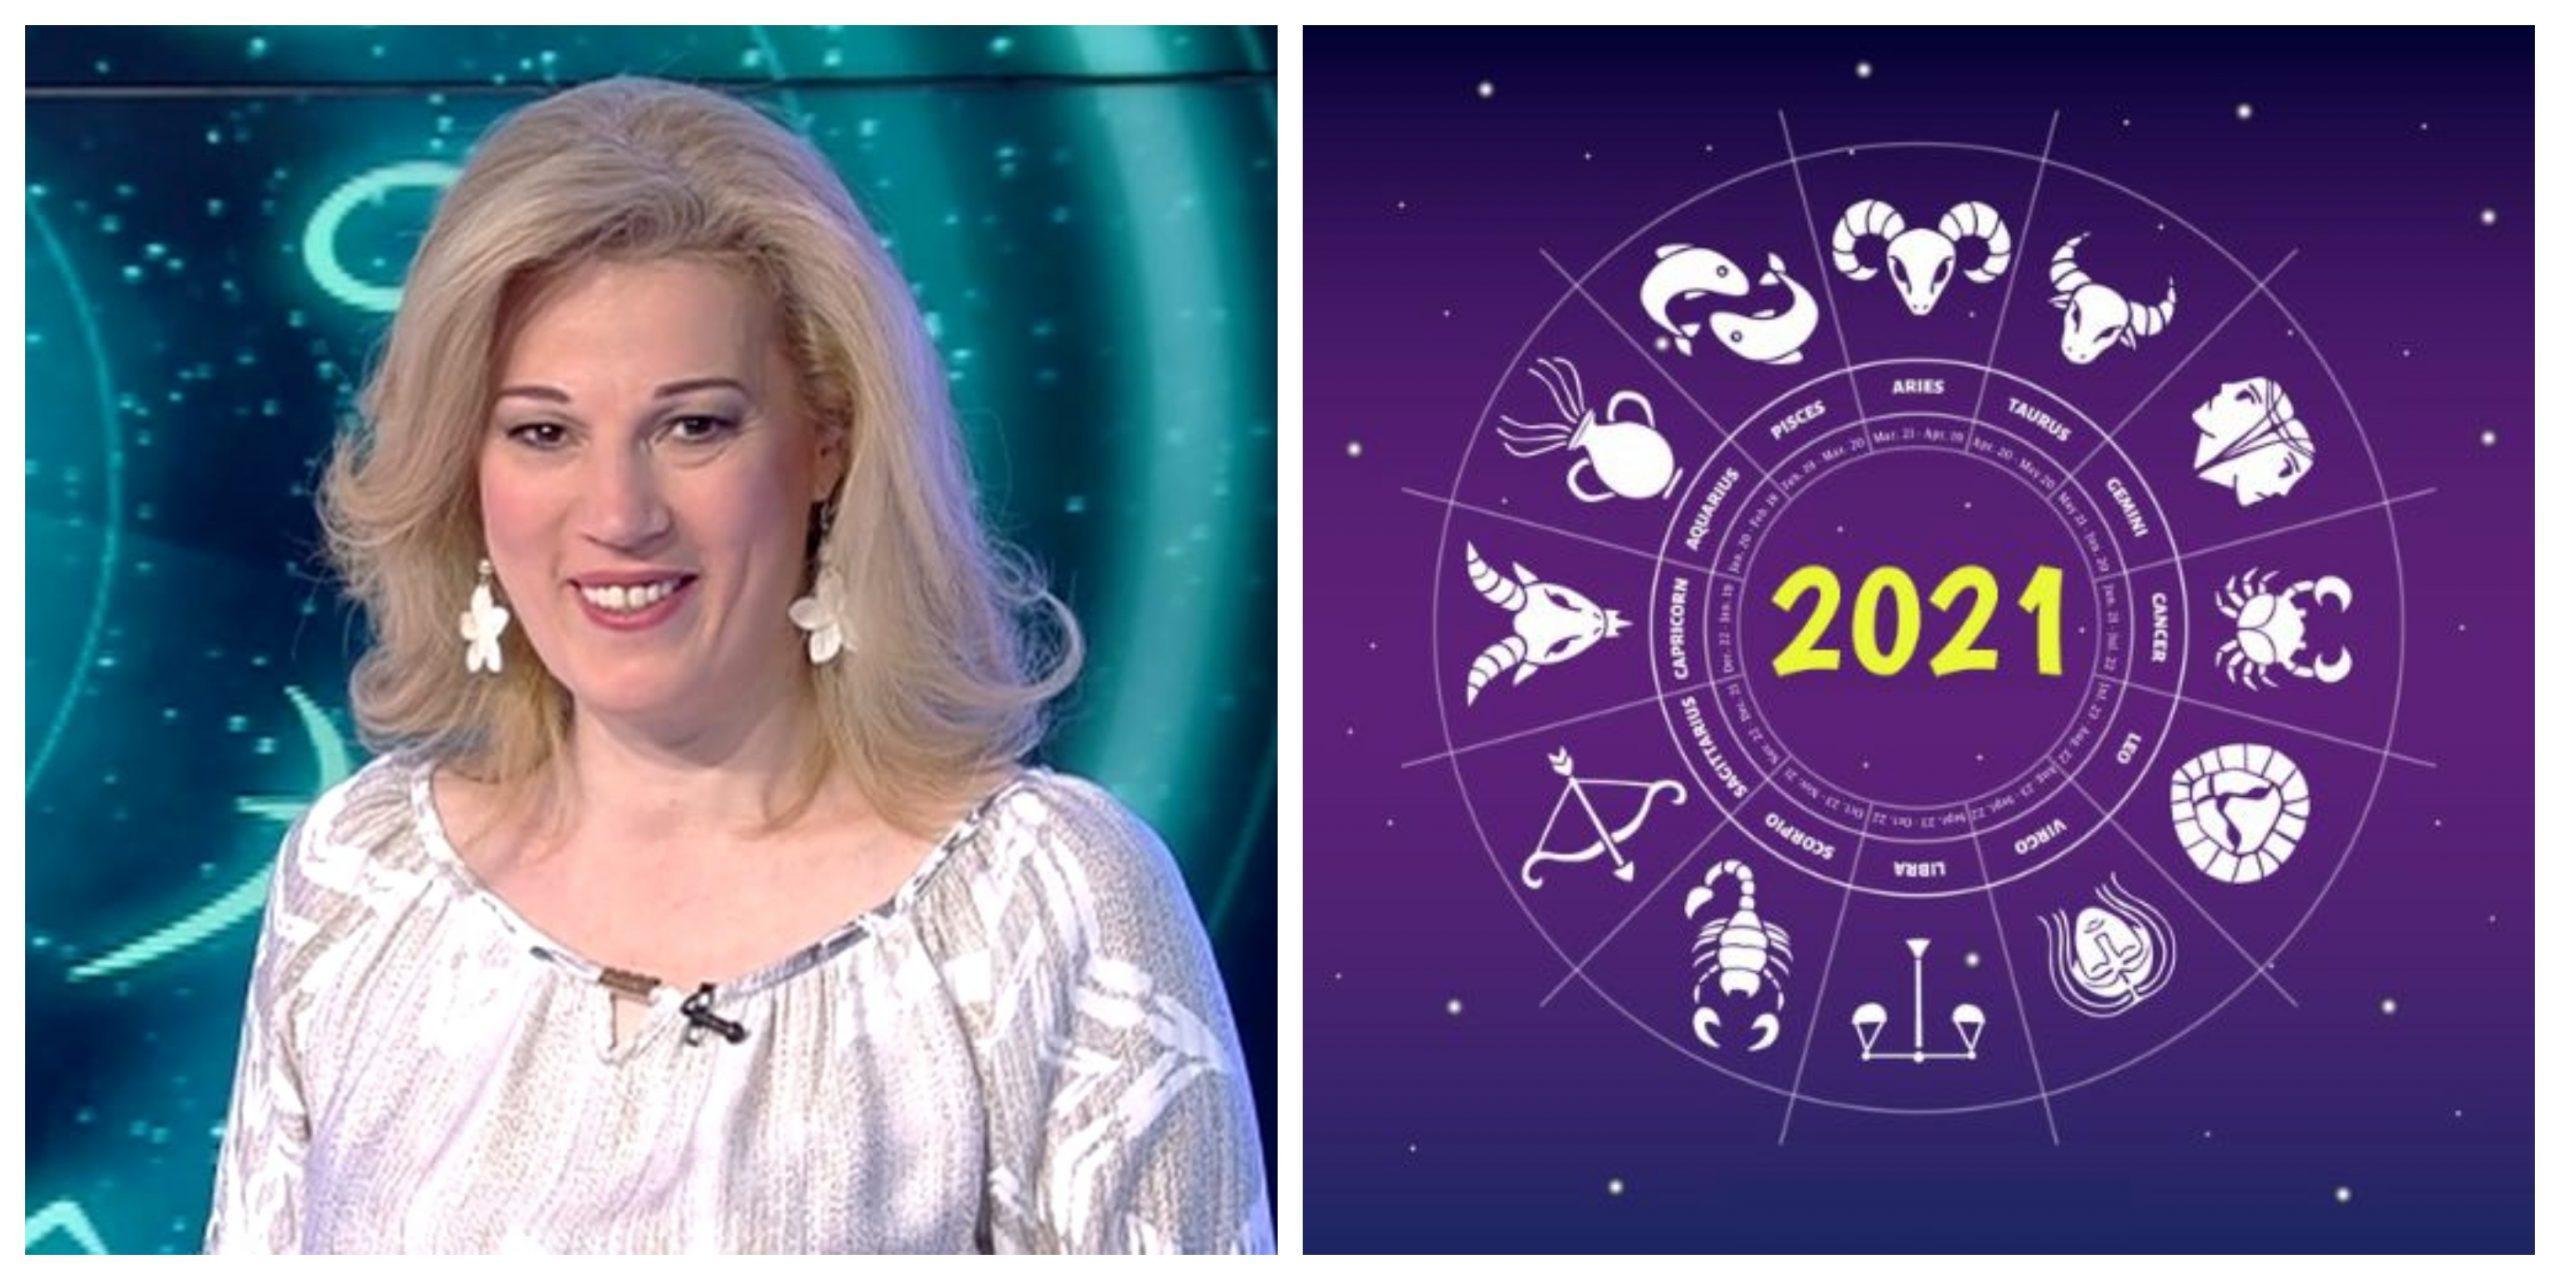 Horoscop 2021 Camelia Pătrășcanu pe zodii. 3 nativi au noroc, dar 2 zodii suferă